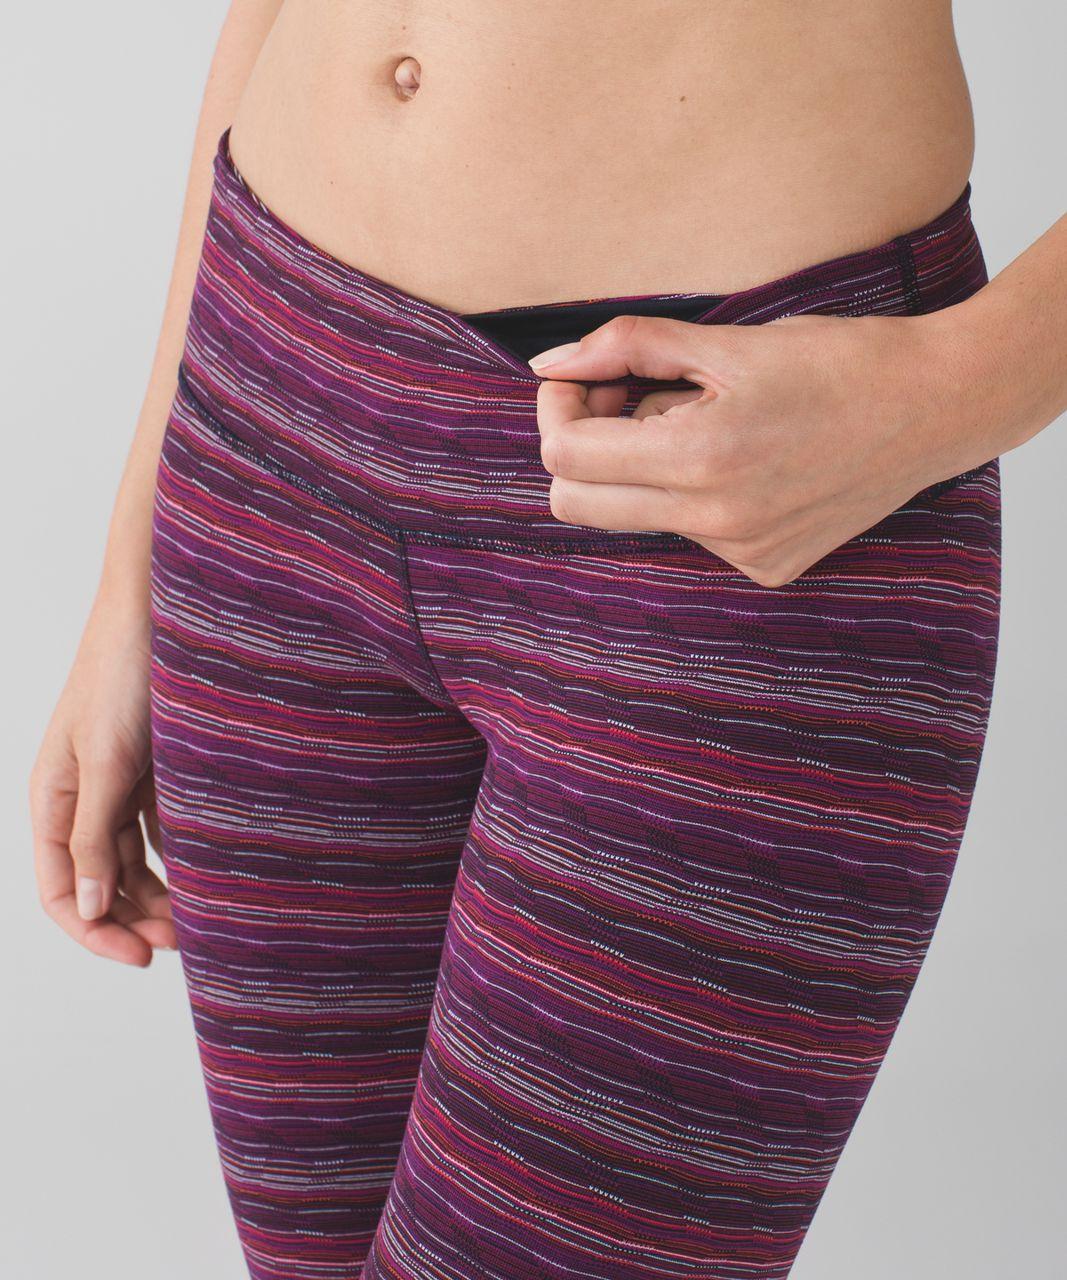 Lululemon Wunder Under Pant III - Space Dye Twist Regal Plum Alarming